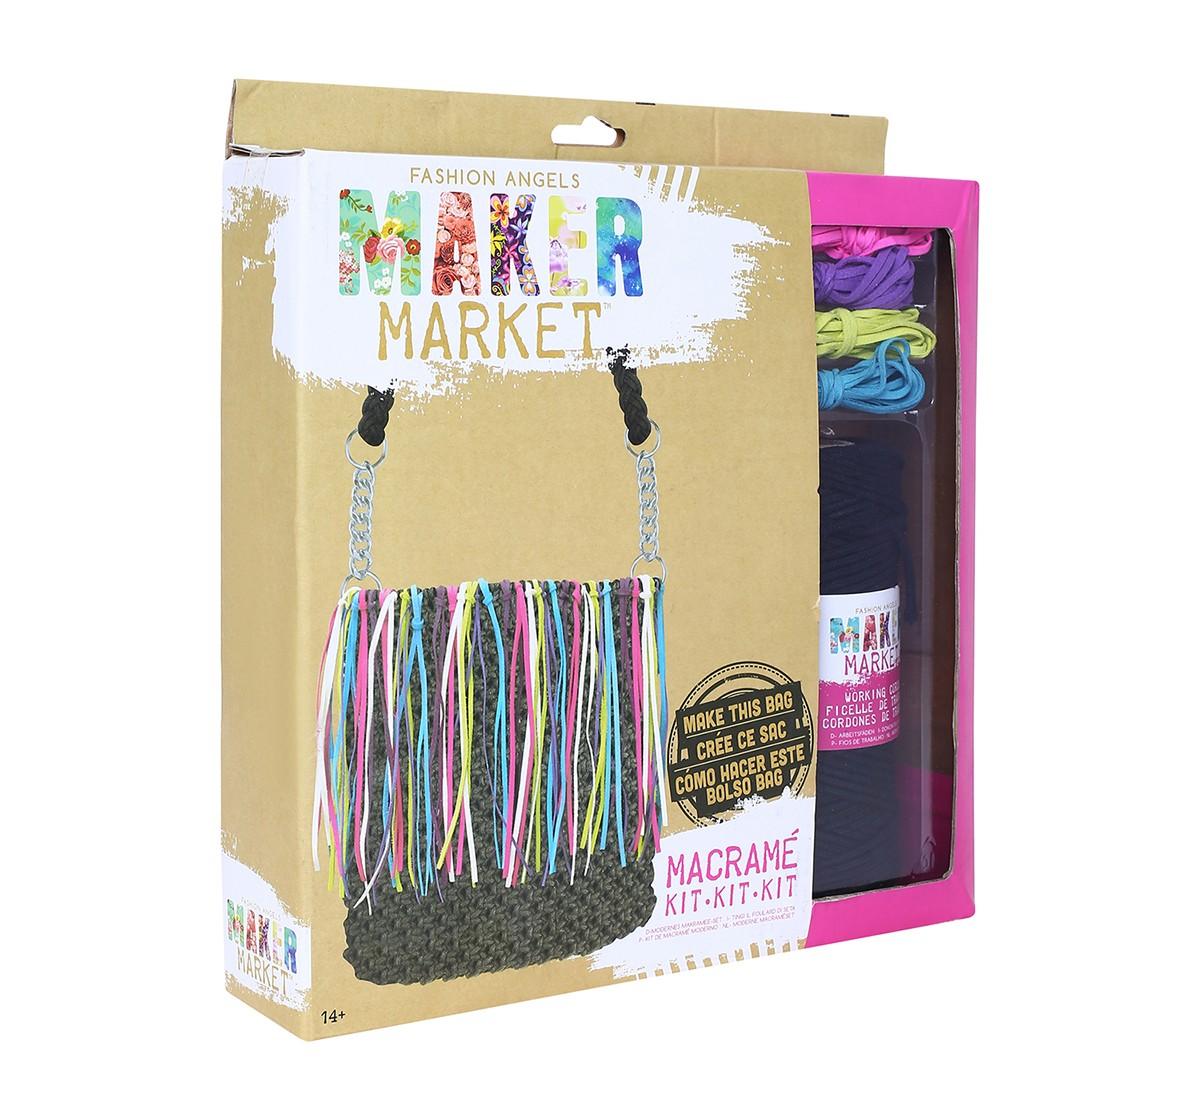 Fashion Angels Enterprises Maker Market Macrame Kit DIY Art & Craft Kits for Kids age 14Y+